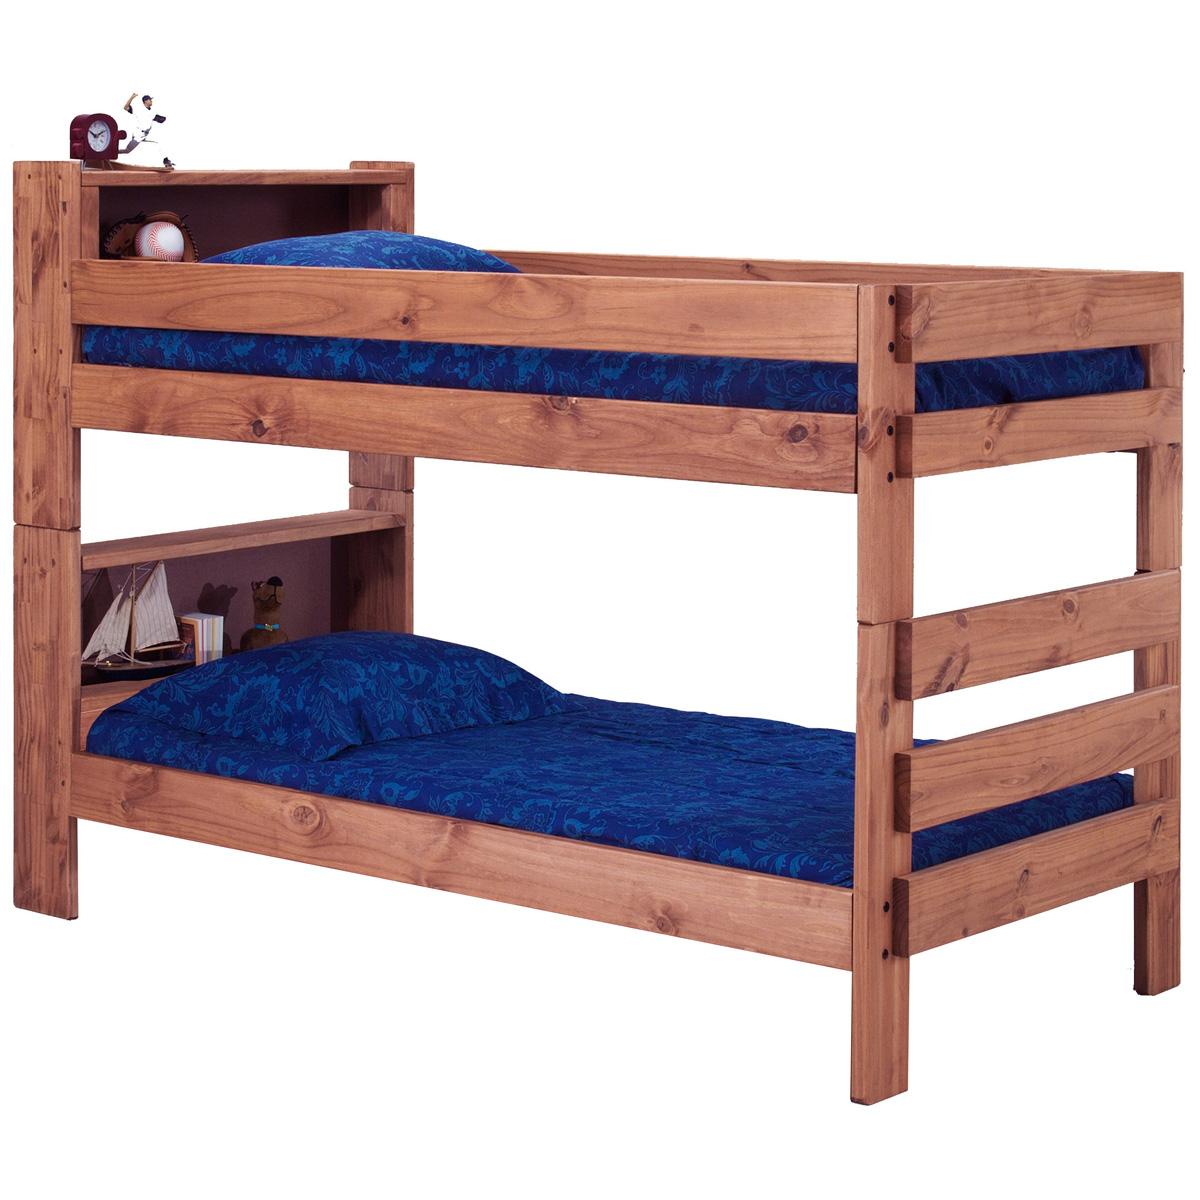 Twin Bunk Bed Bookcase Headboards Mahogany Finish Dcg